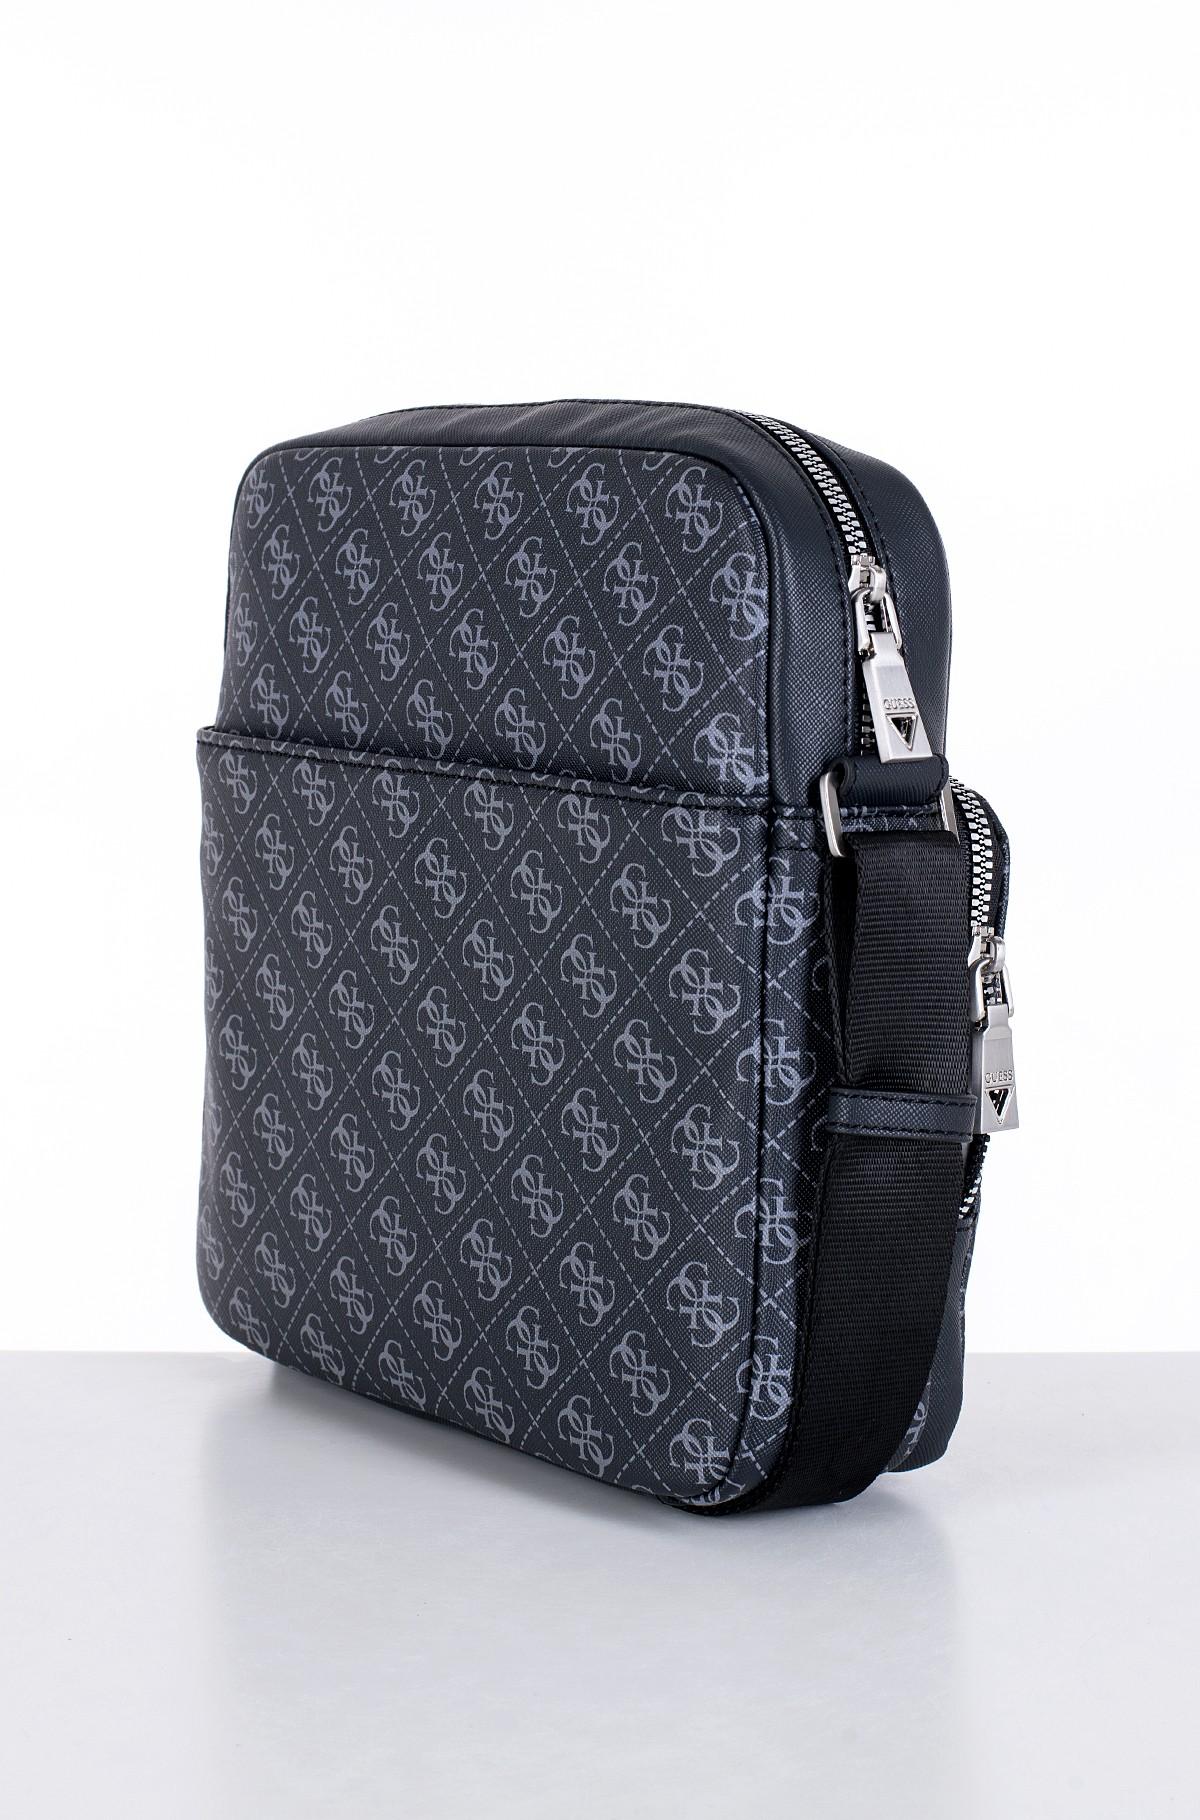 Shoulder bag HMDANL P0326-full-3